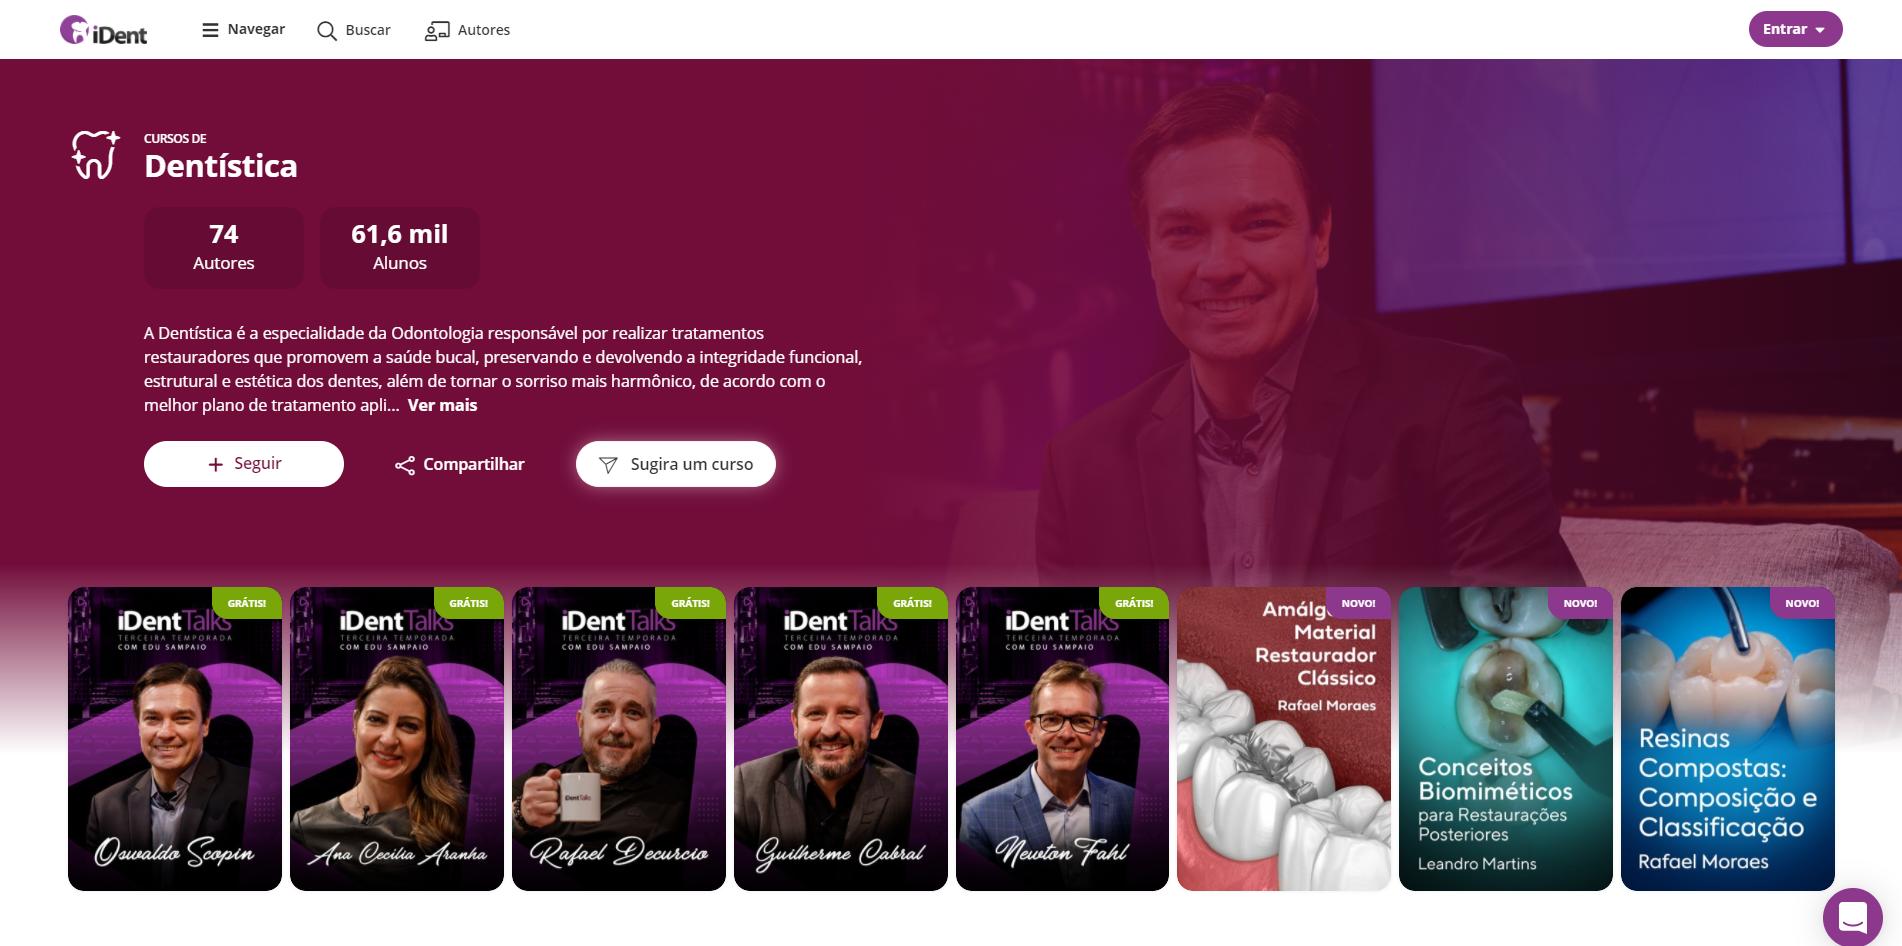 imagem opção sugira um curso de odontologia para o iDent com cursos da especialidade de dentística